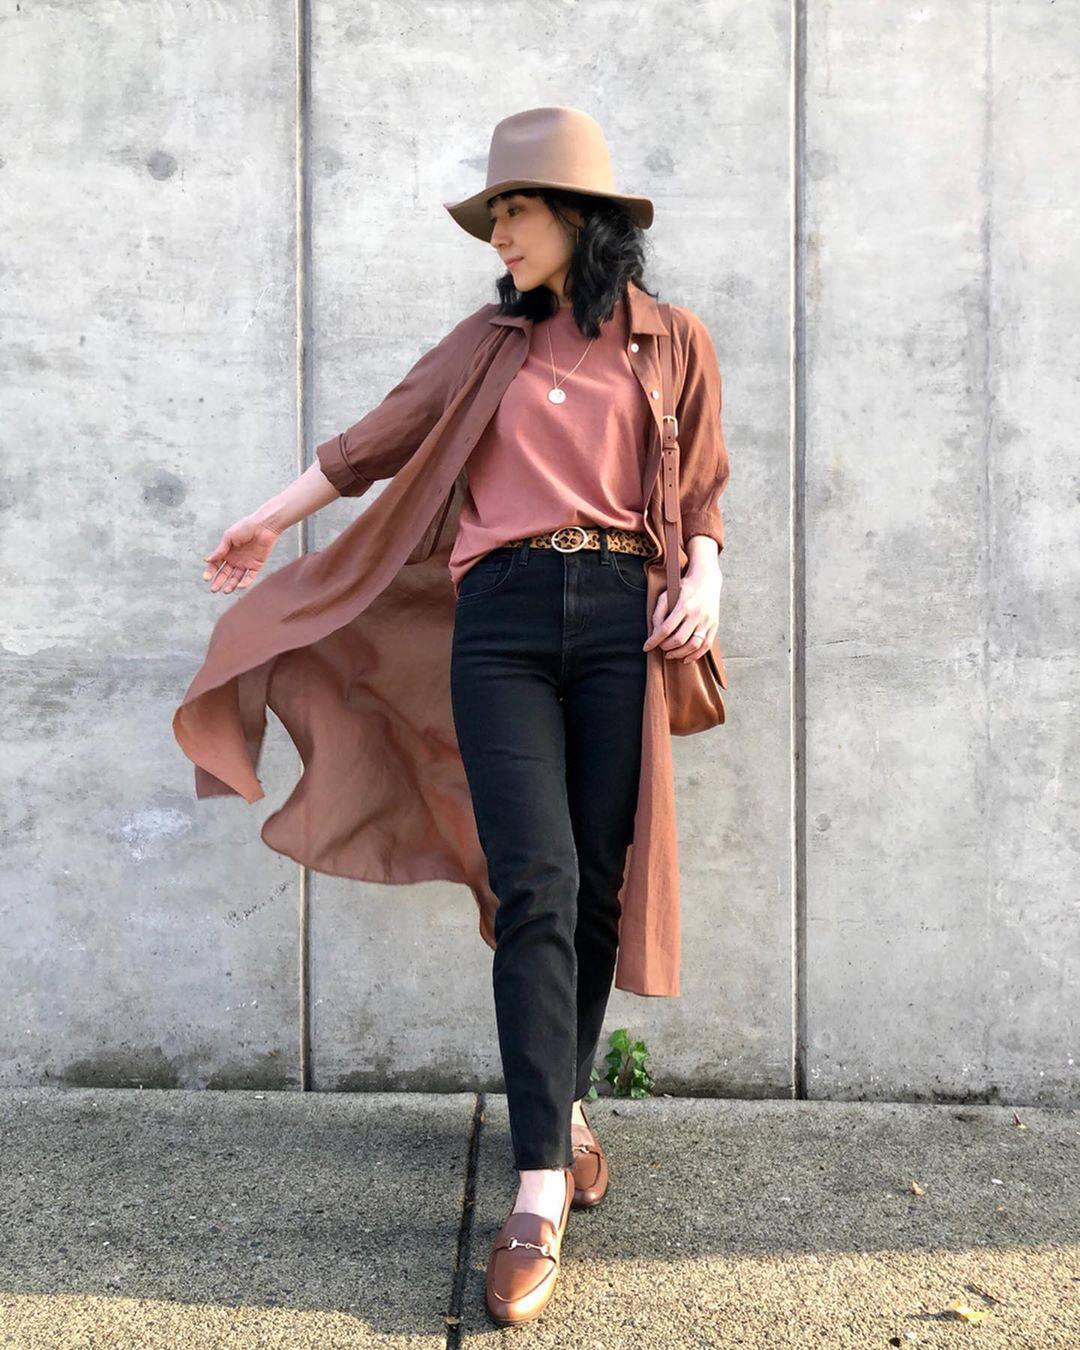 最高気温25度・最低気温21度 i.styleclosetの服装